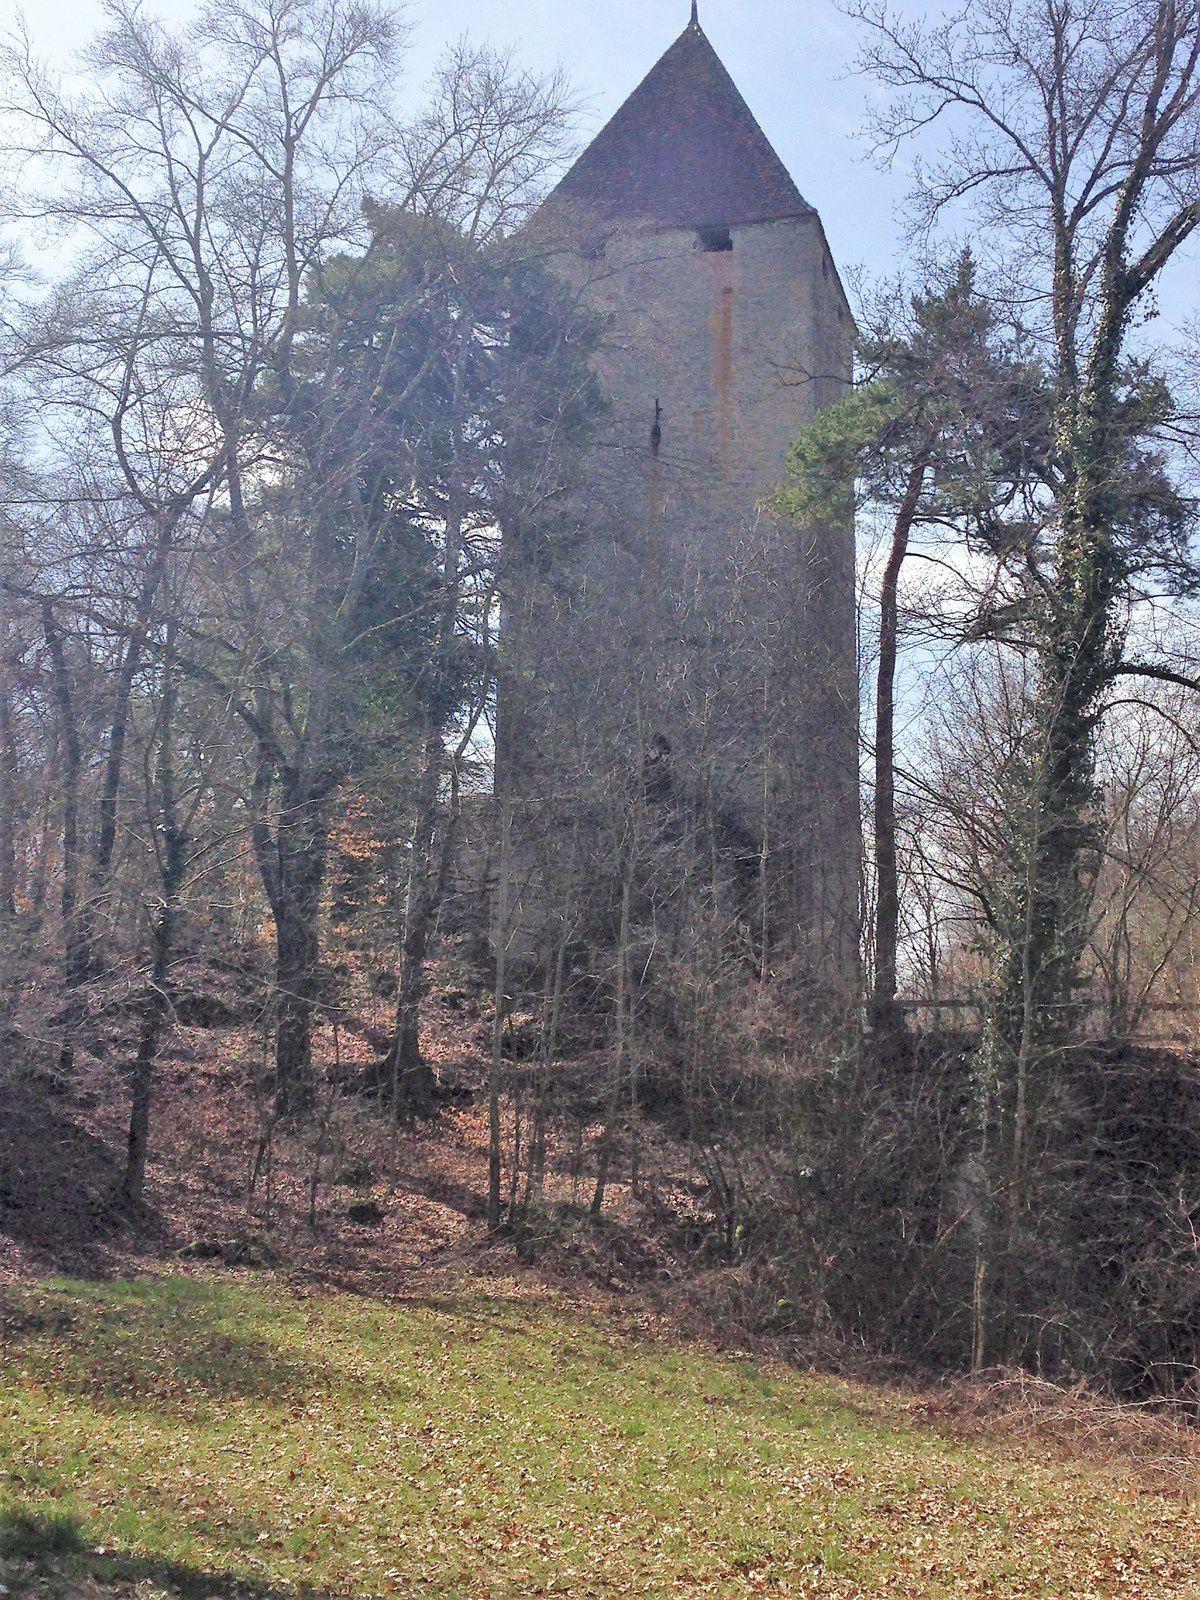 Vue magnifique depuis le Haut de la tour.